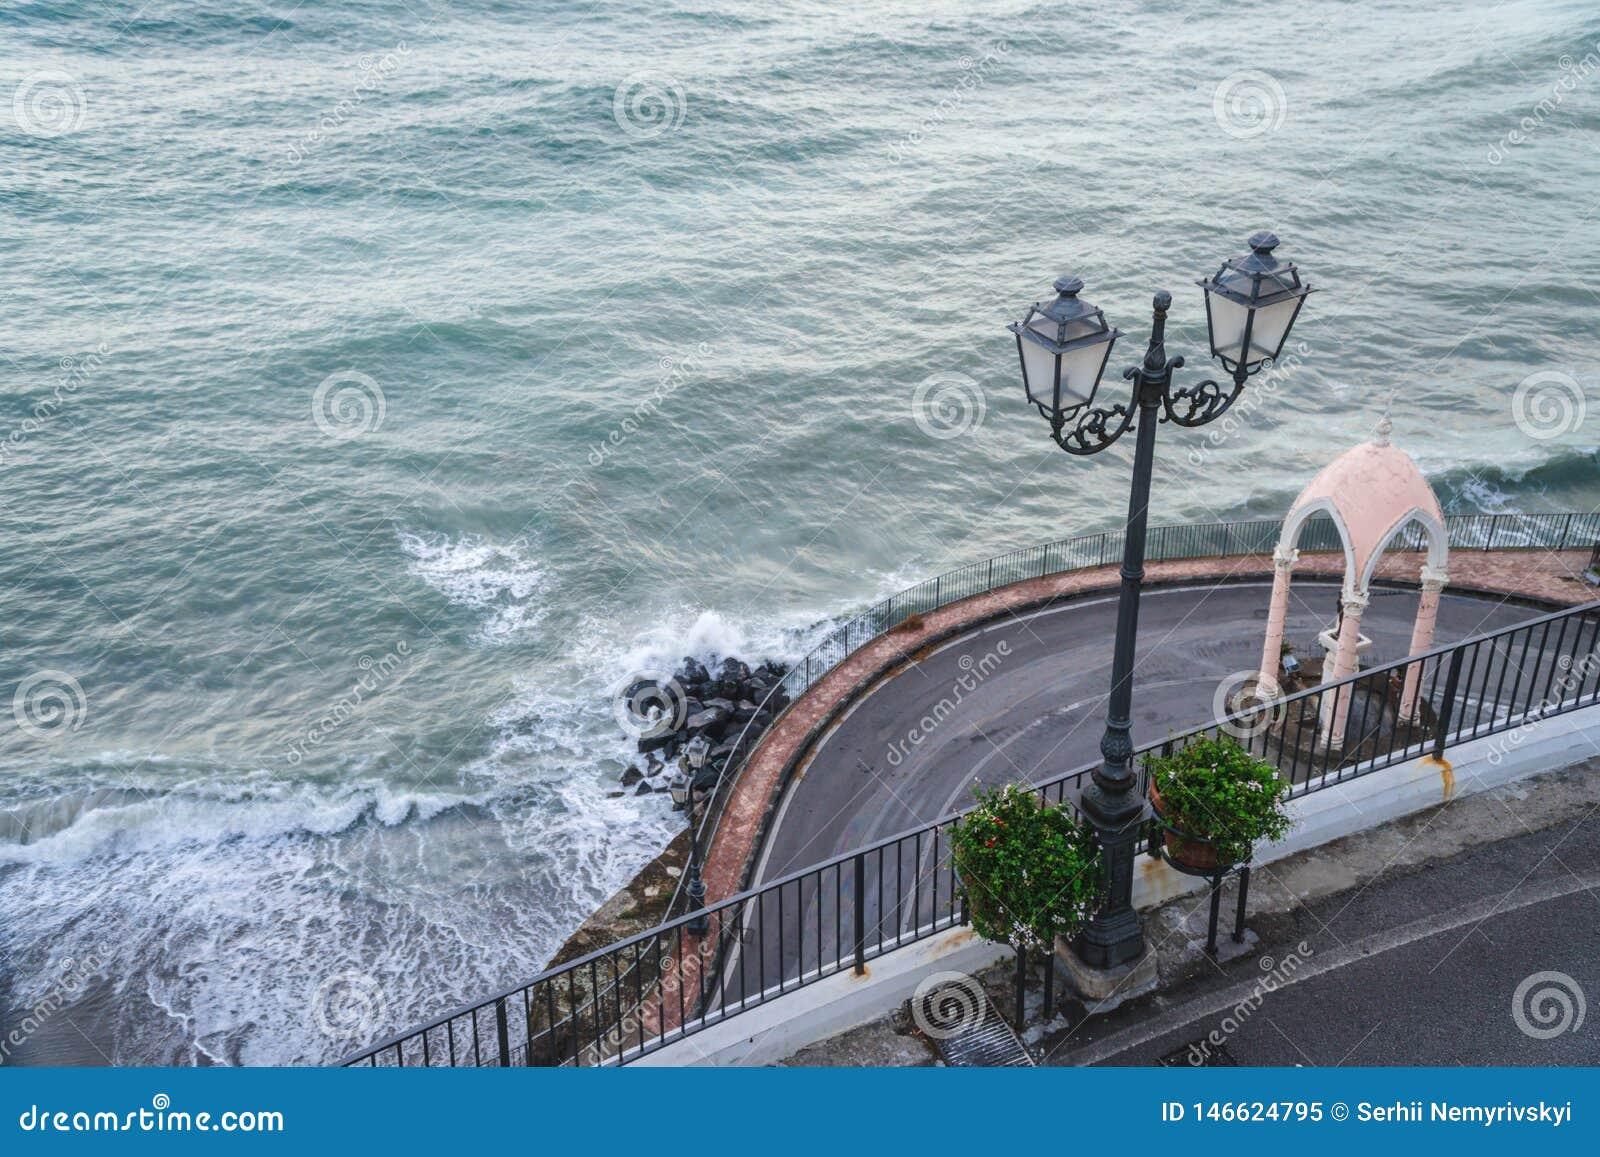 Ondas da praia das nuvens de tempestade do mar na baía de Sorrento do meta em Itália, fim da estação, tempo frio